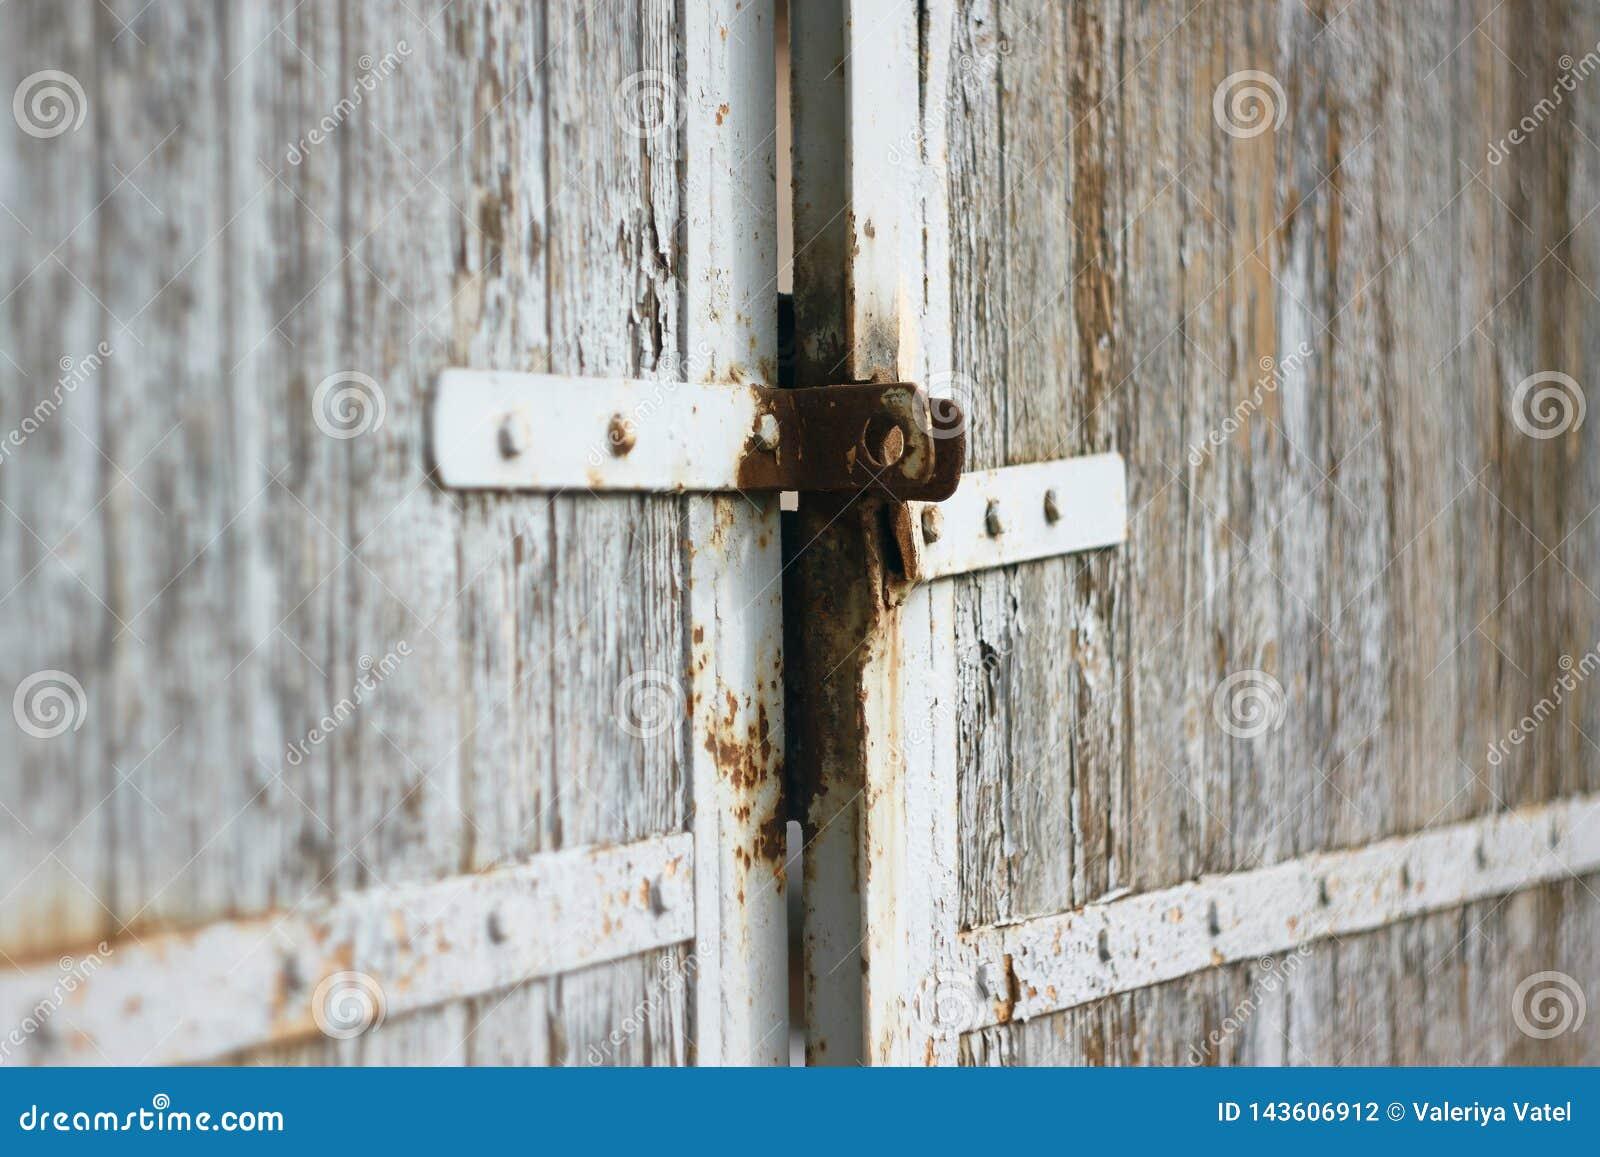 Παλαιά πύλη με το σκουριασμένο σύρτη και το χρωματισμένο λευκό